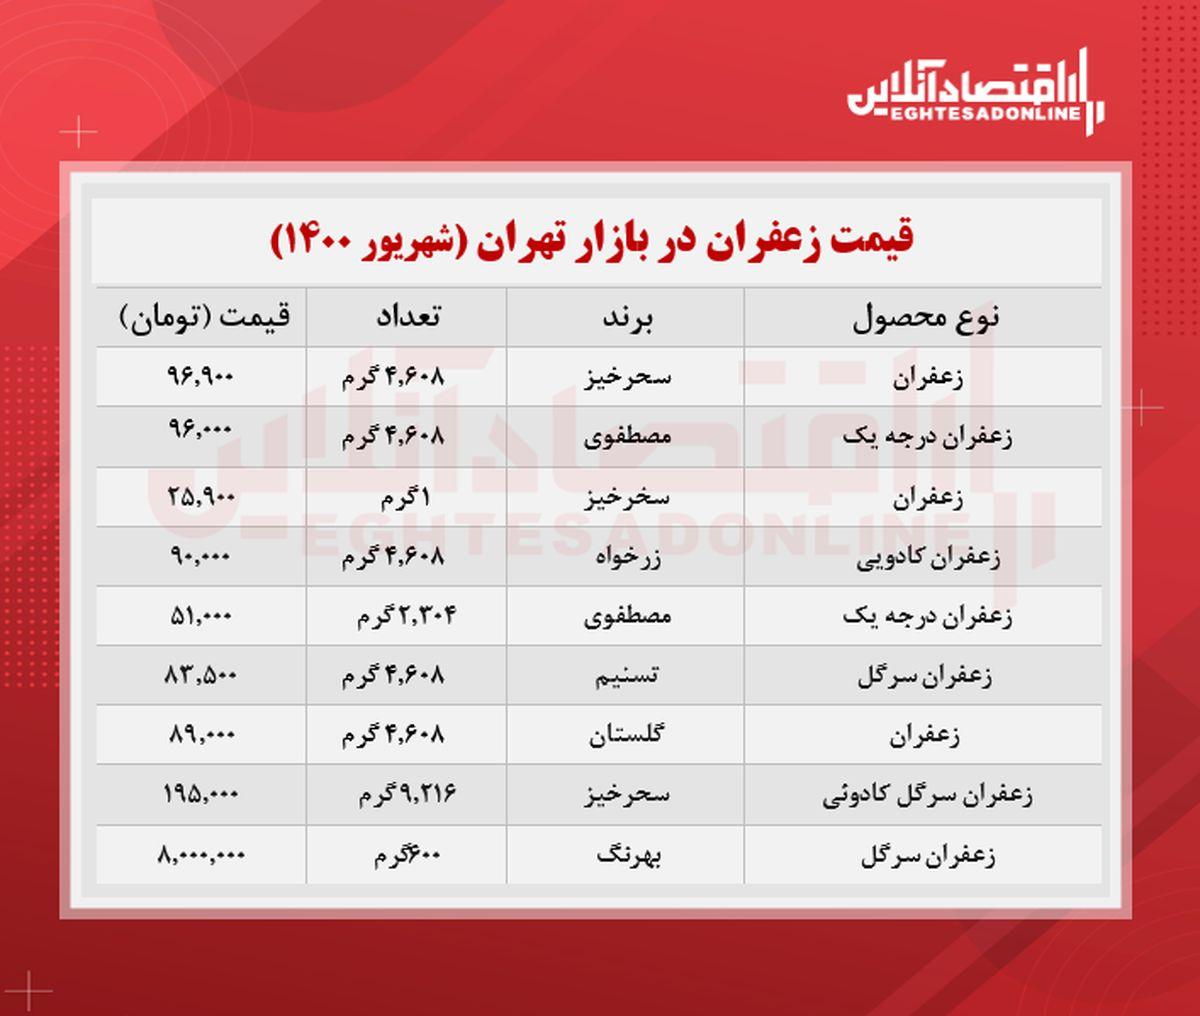 قیمت جدید زعفران در بازار (شهریور 1400) + جدول